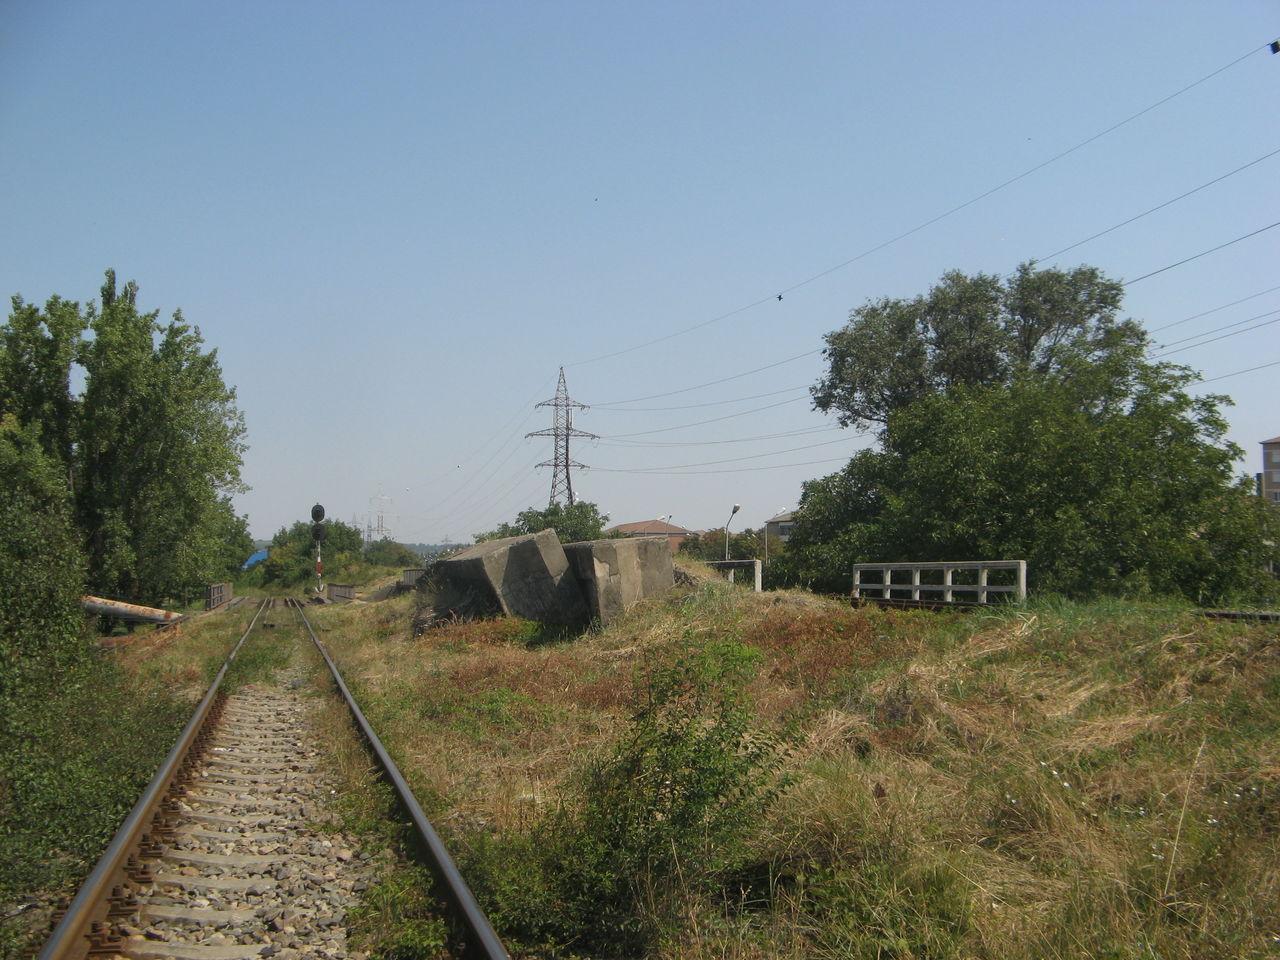 Calea ferată directă Oradea Vest - Episcopia Bihor IMG_0019